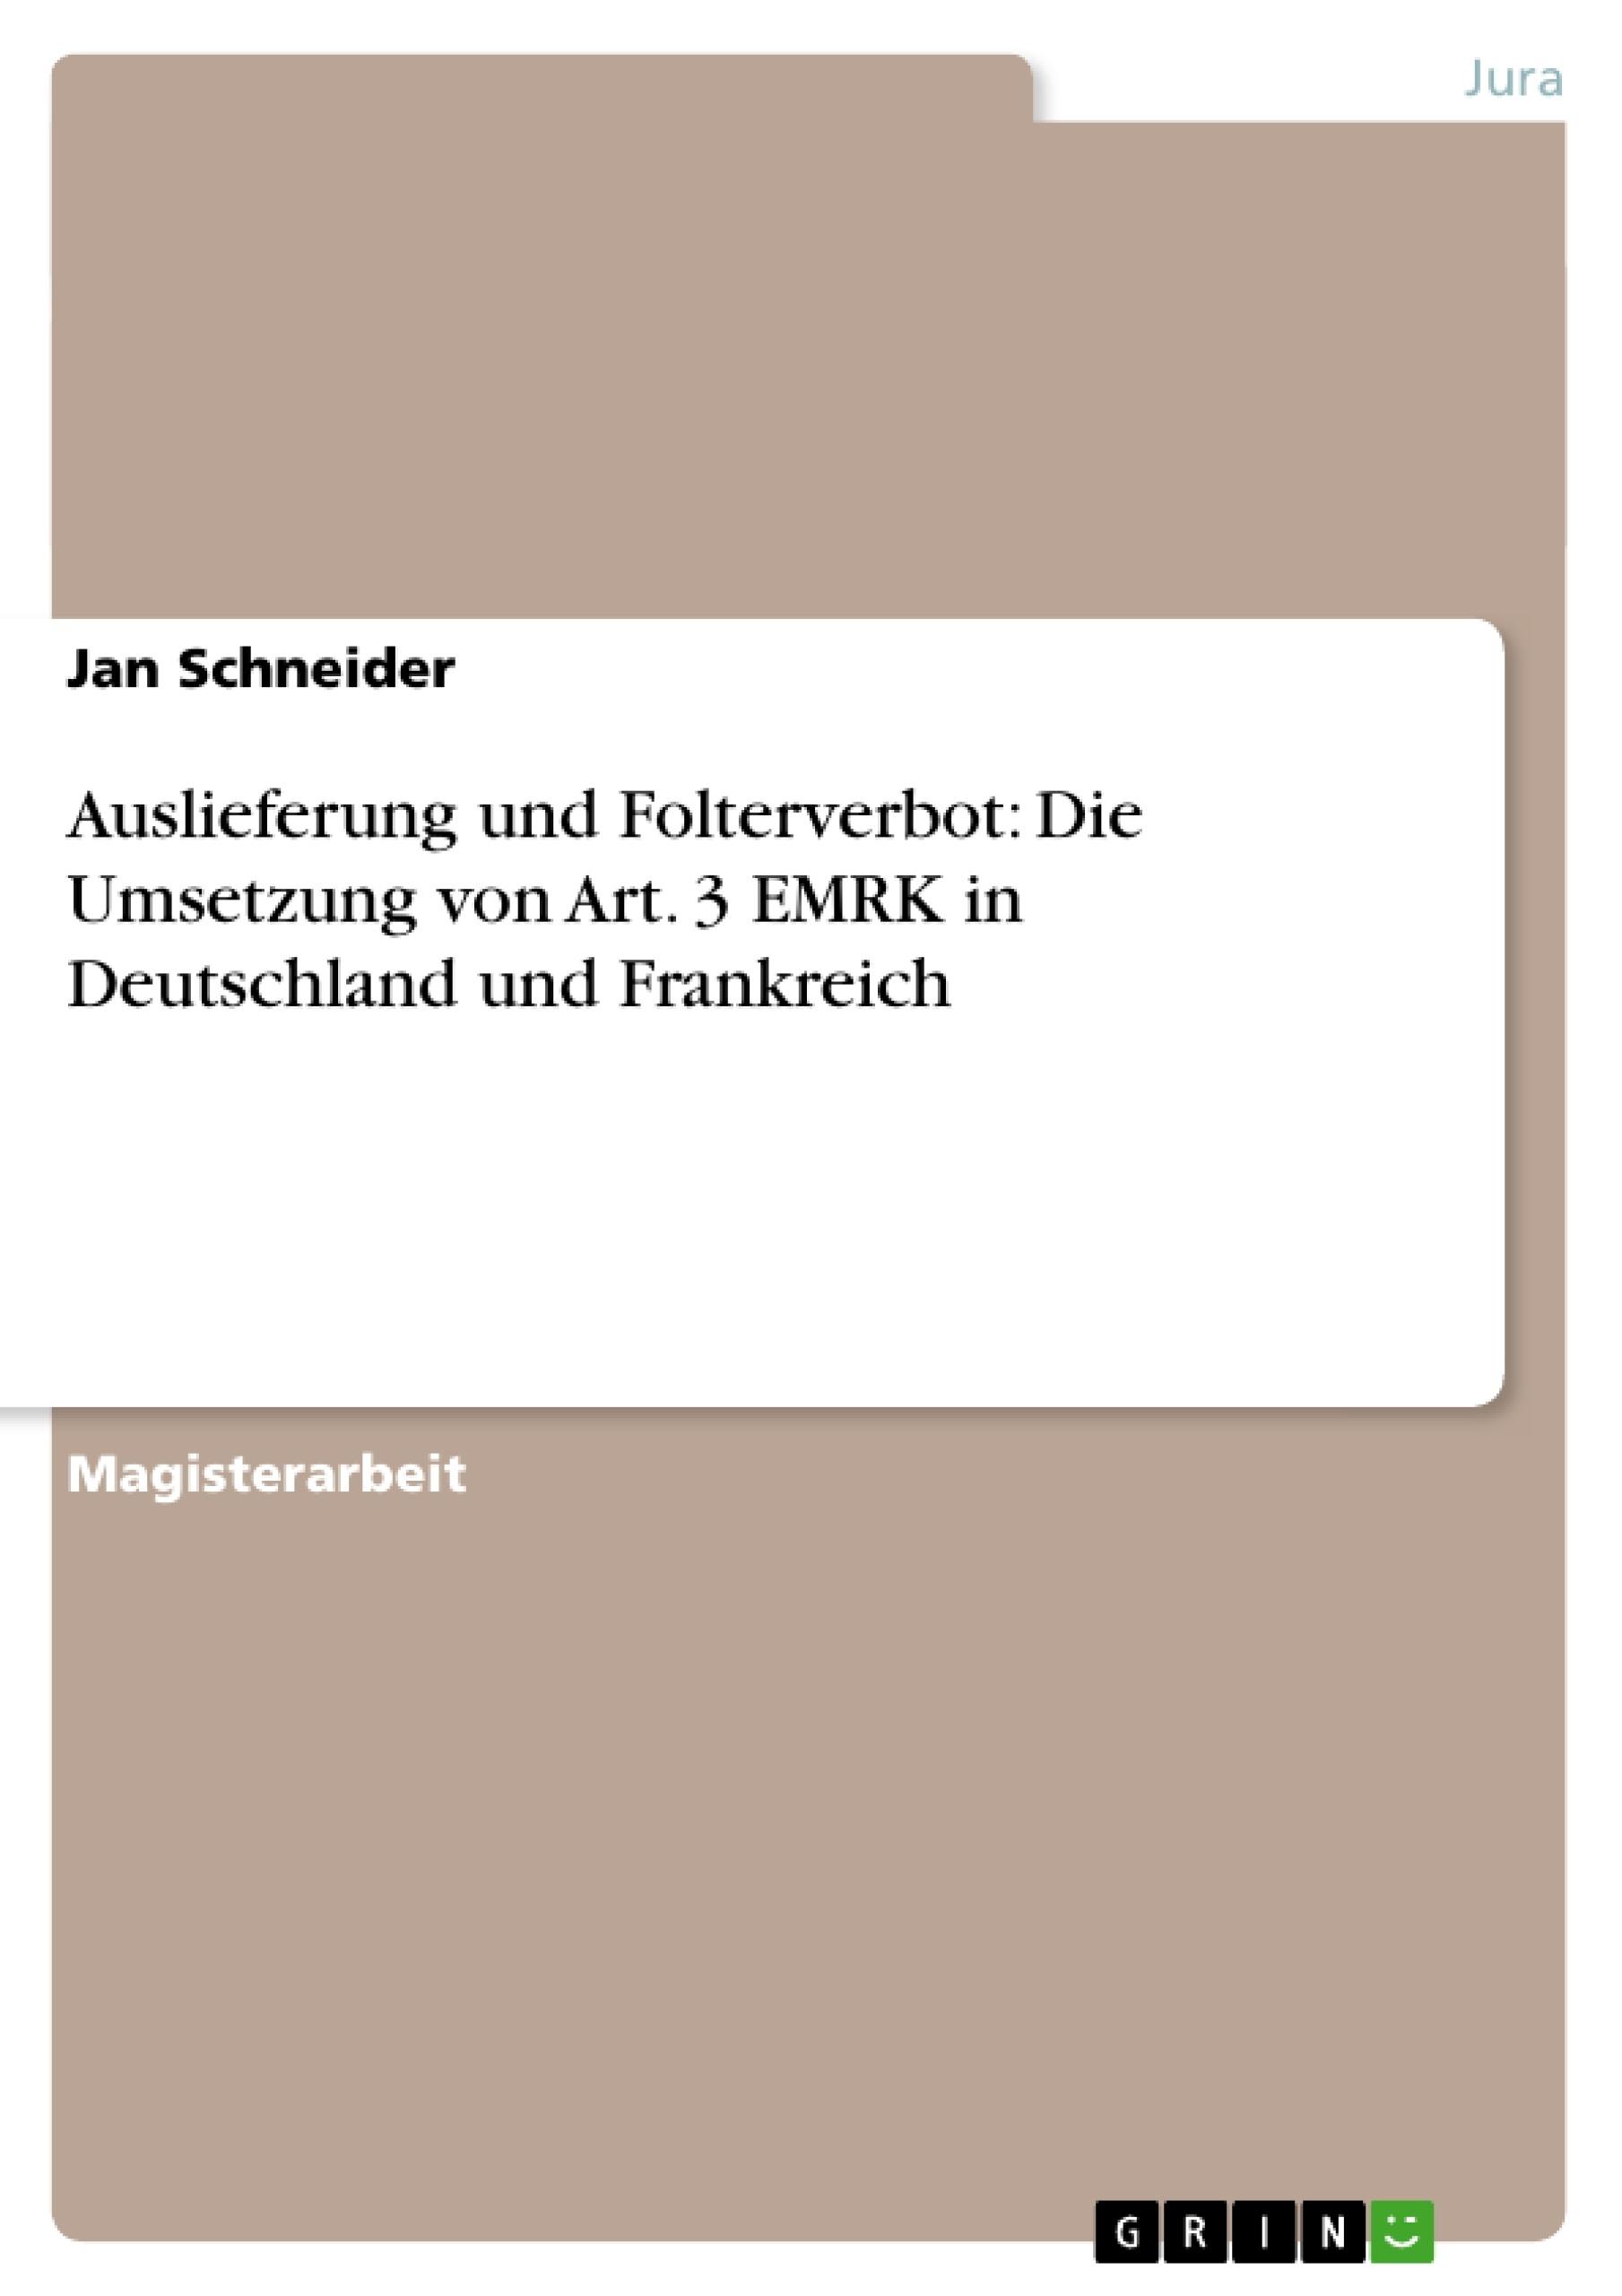 Titel: Auslieferung und Folterverbot: Die Umsetzung von Art. 3 EMRK in Deutschland und Frankreich